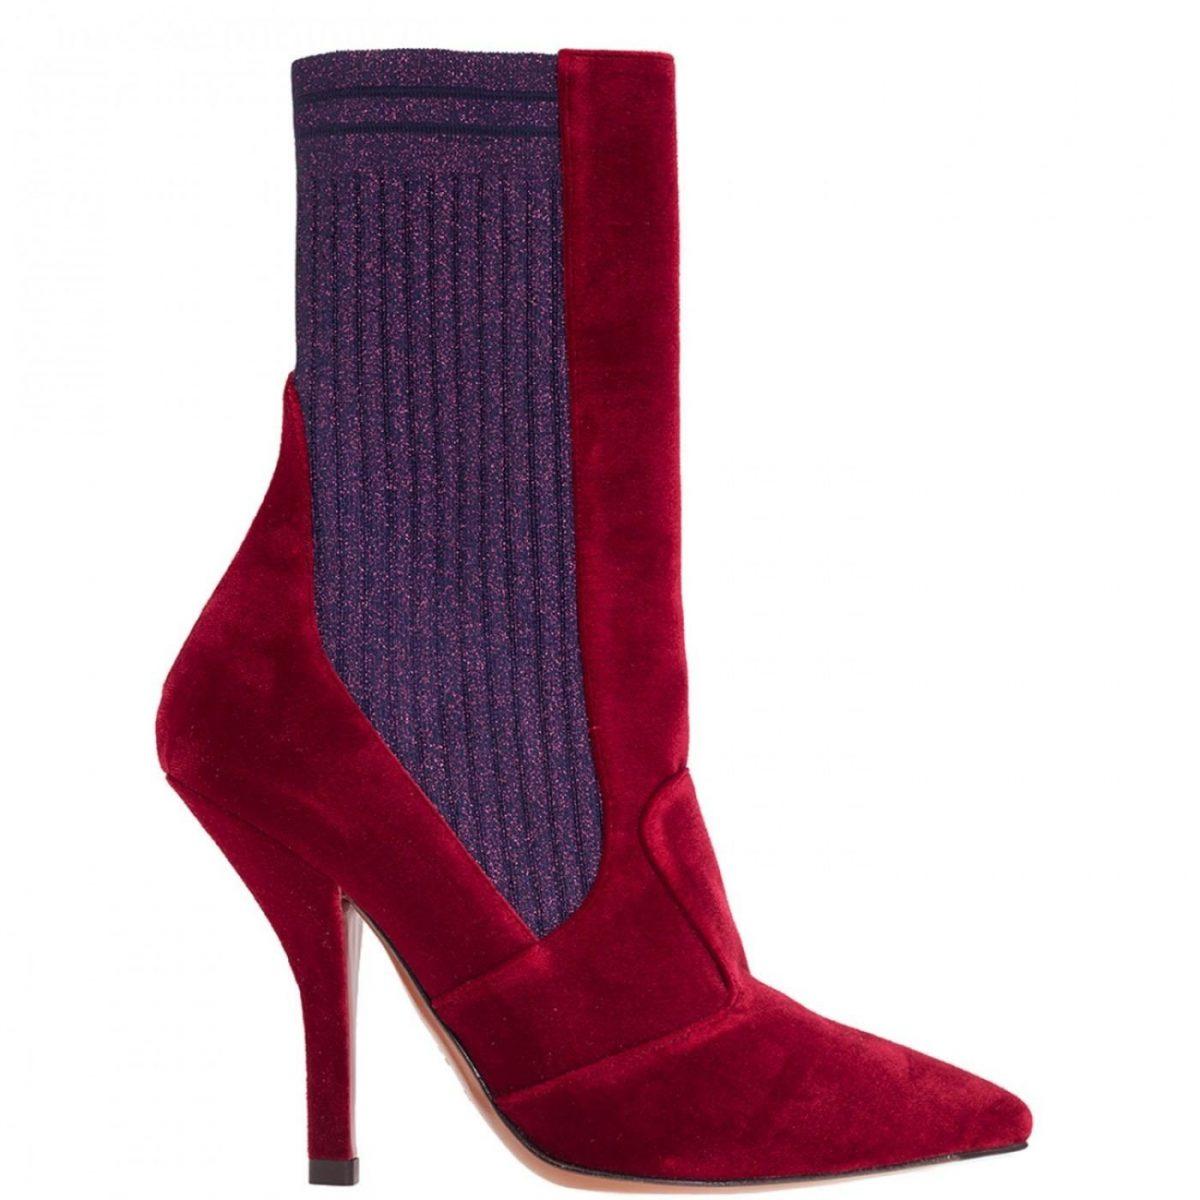 красные полусапожки с резинкой модные сапоги весны 2018